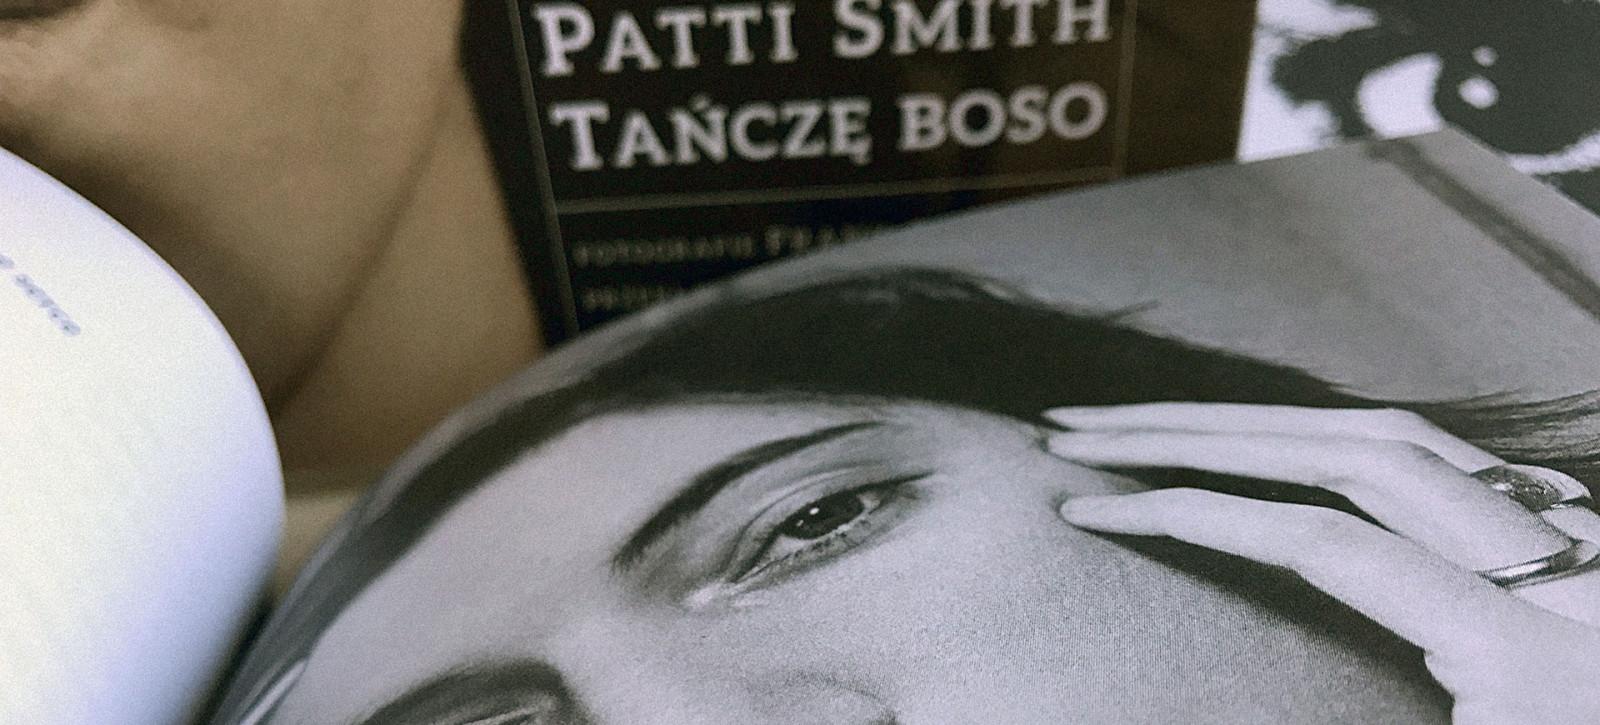 22_ZDJĘCIA__Patti SMITH__Tańczę boso